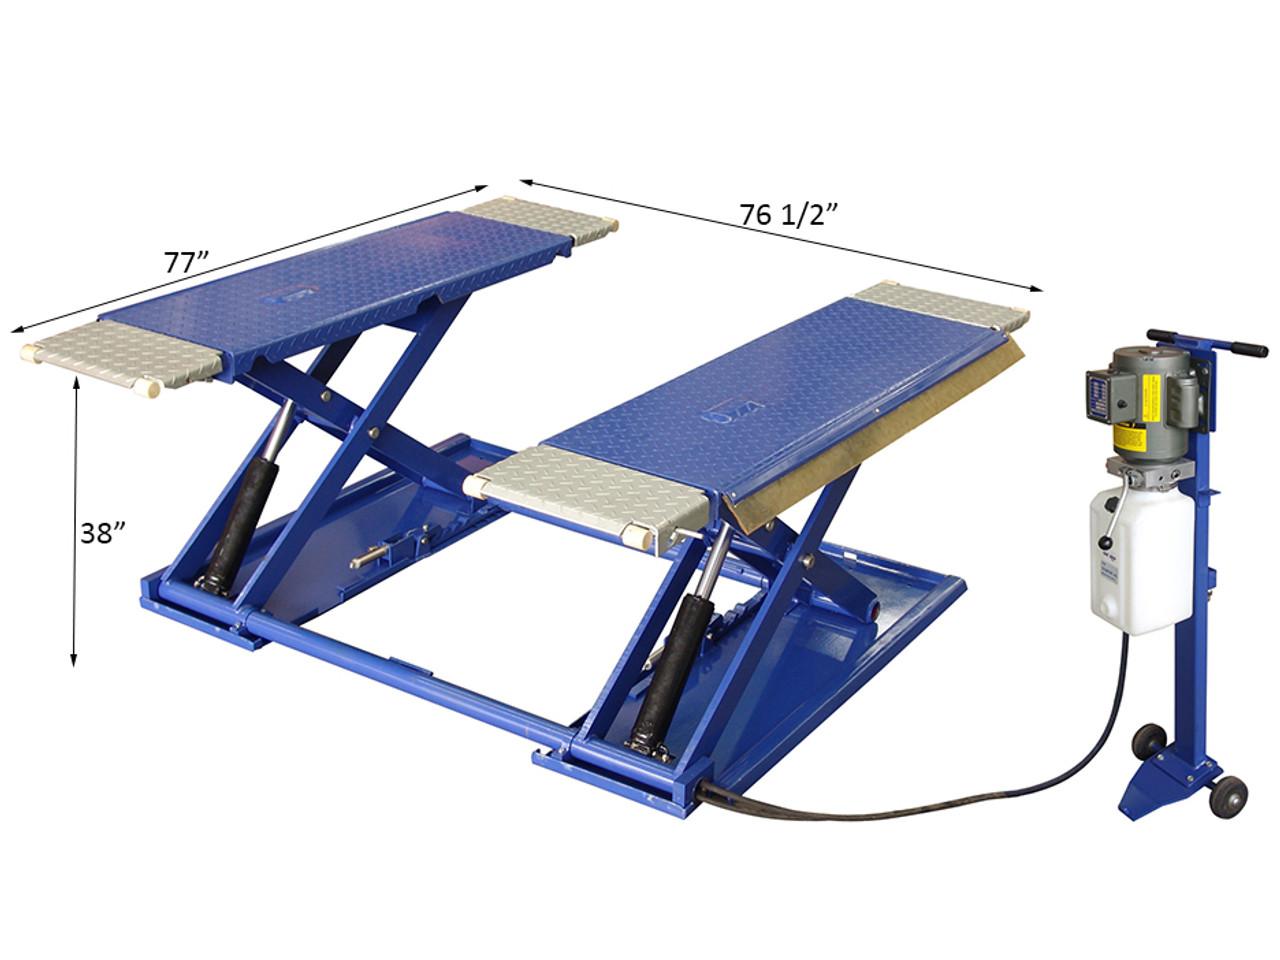 TUX MR6.5K-38 6,000 LB. Portable Mid-Rise Frame Lift